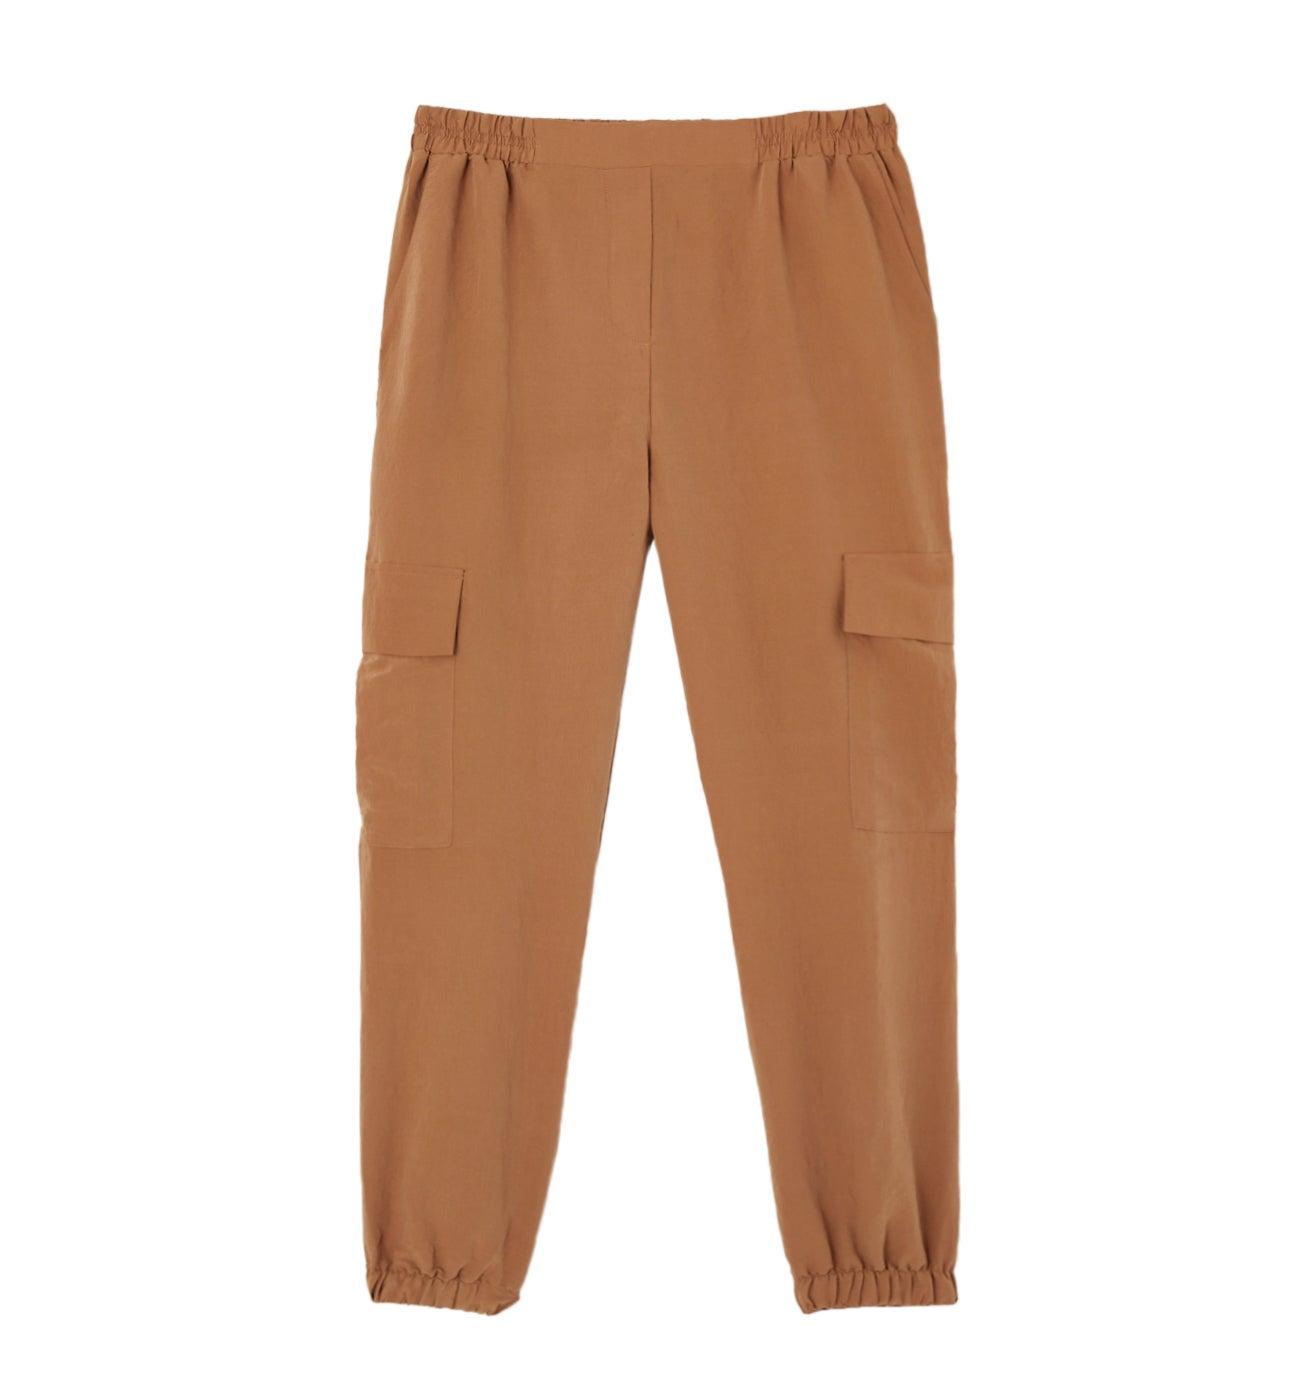 Pantalon taille haute cargo